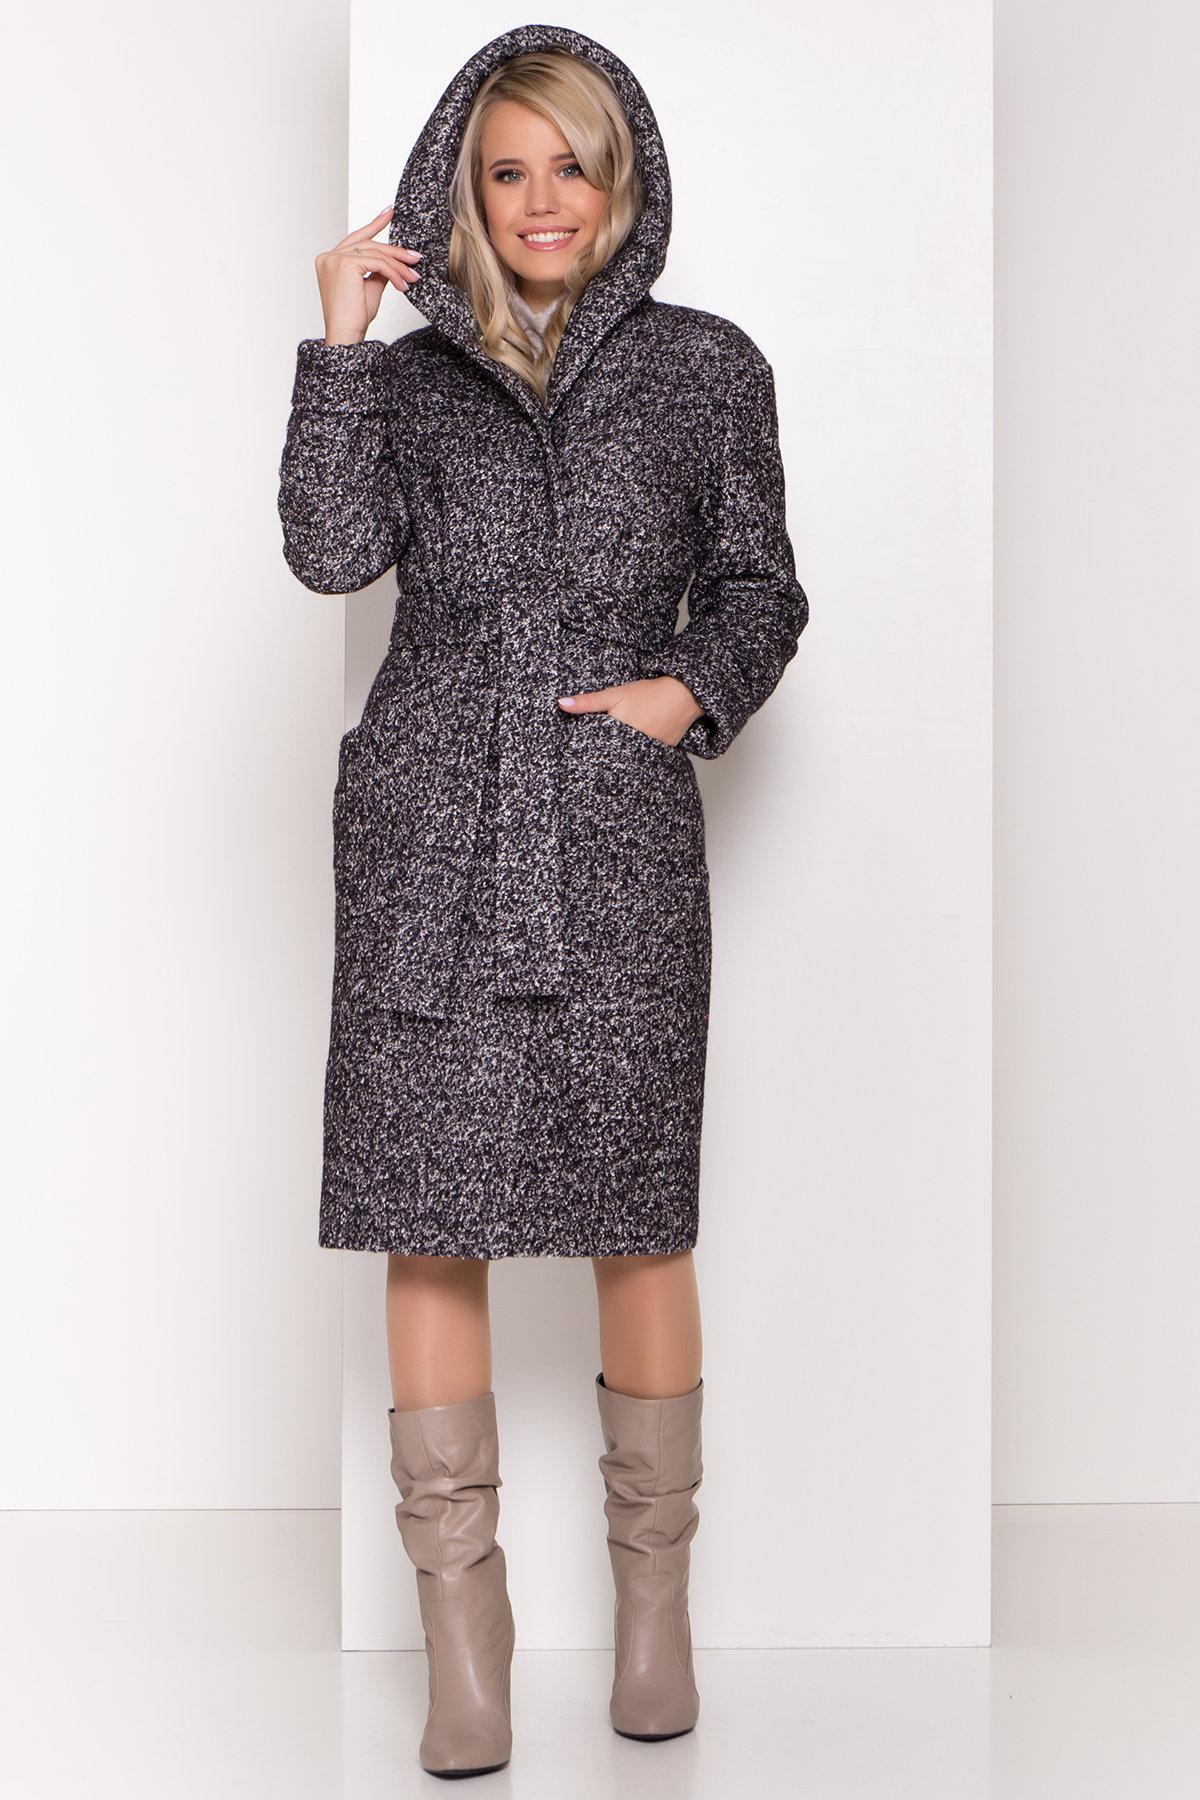 Пальто зимнее от производителя Modus Пальто зима шерсть букле Анита 8320